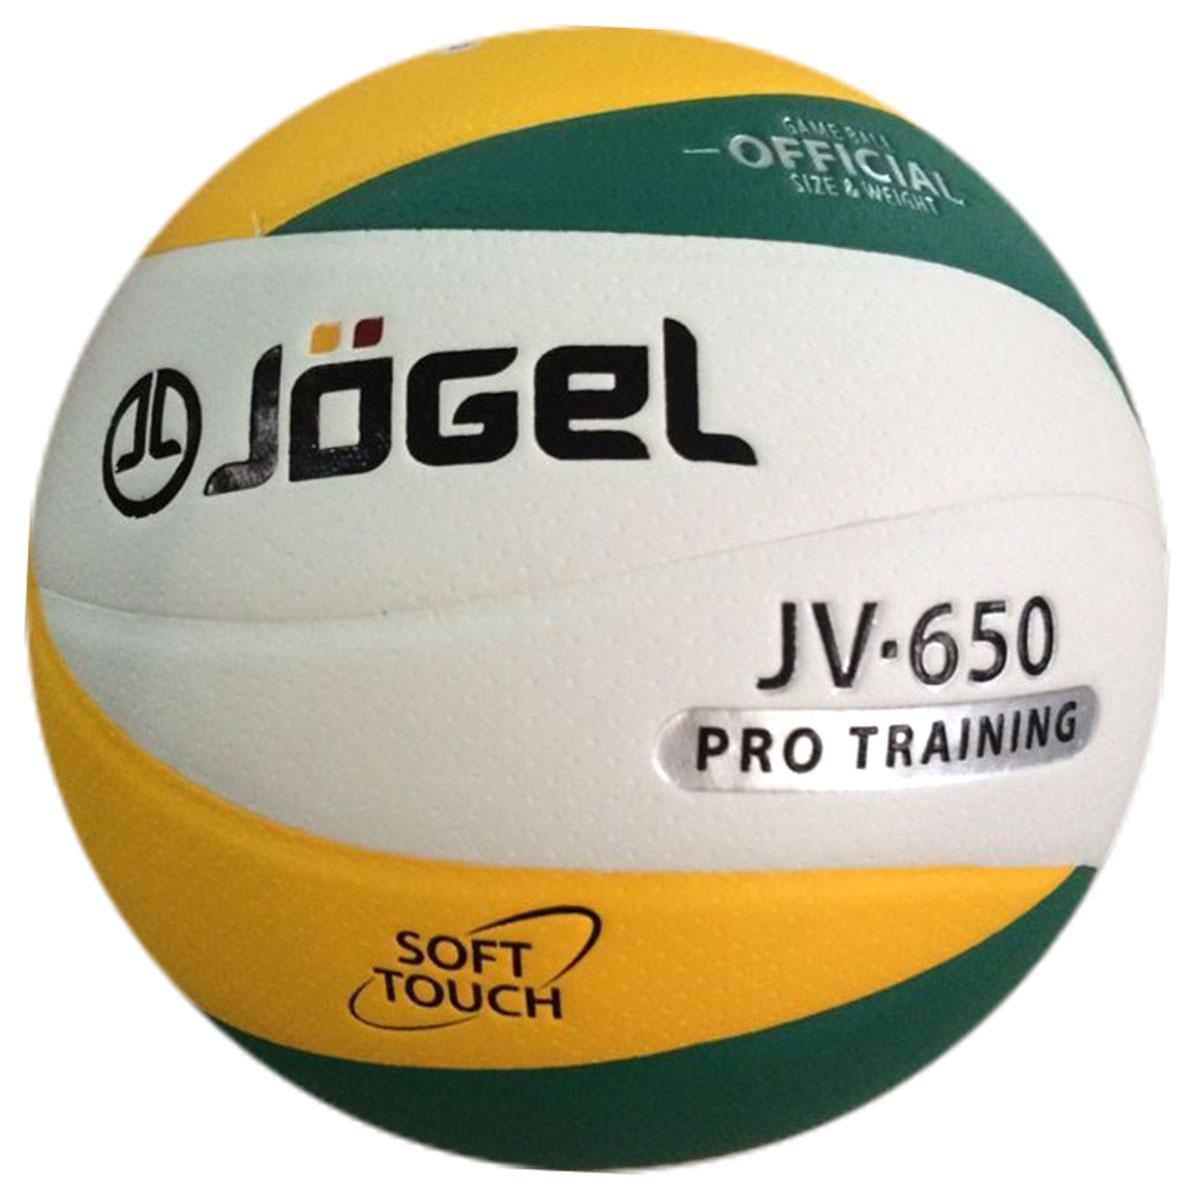 Мяч волейбольный Jogel, цвет: зеленый, желтый. Размер 5. JV-650УТ-00009345Клееный волейбольный мяч Jogel предназначен для профессиональных тренировок. Покрышка мяча выполнена из мягкой высококачественной синтетической кожи (полиуретан). Его поверхность обработана по технологии Dimple - микроуглубления на поверхности мяча, обеспечивающие более лучший контроль, т.е. мяч меньше скользит.Мяч состоит из 12 панелей и бутиловой камеры, также армирован подкладочным слоем, выполненным из ткани.Волейбольный мяч Jogel JV-650 рекомендован для тренировок команд среднего и высокого уровня, а также соревнований любительских и средних команд. Вес: 260-280 гр. Длина окружности: 65-67 см.Рекомендованное давление: 0.29-0.32 бар. УВАЖАЕМЫЕ КЛИЕНТЫ!Обращаем ваше внимание на тот факт, что мяч поставляется в сдутом виде. Насос в комплект не входит.